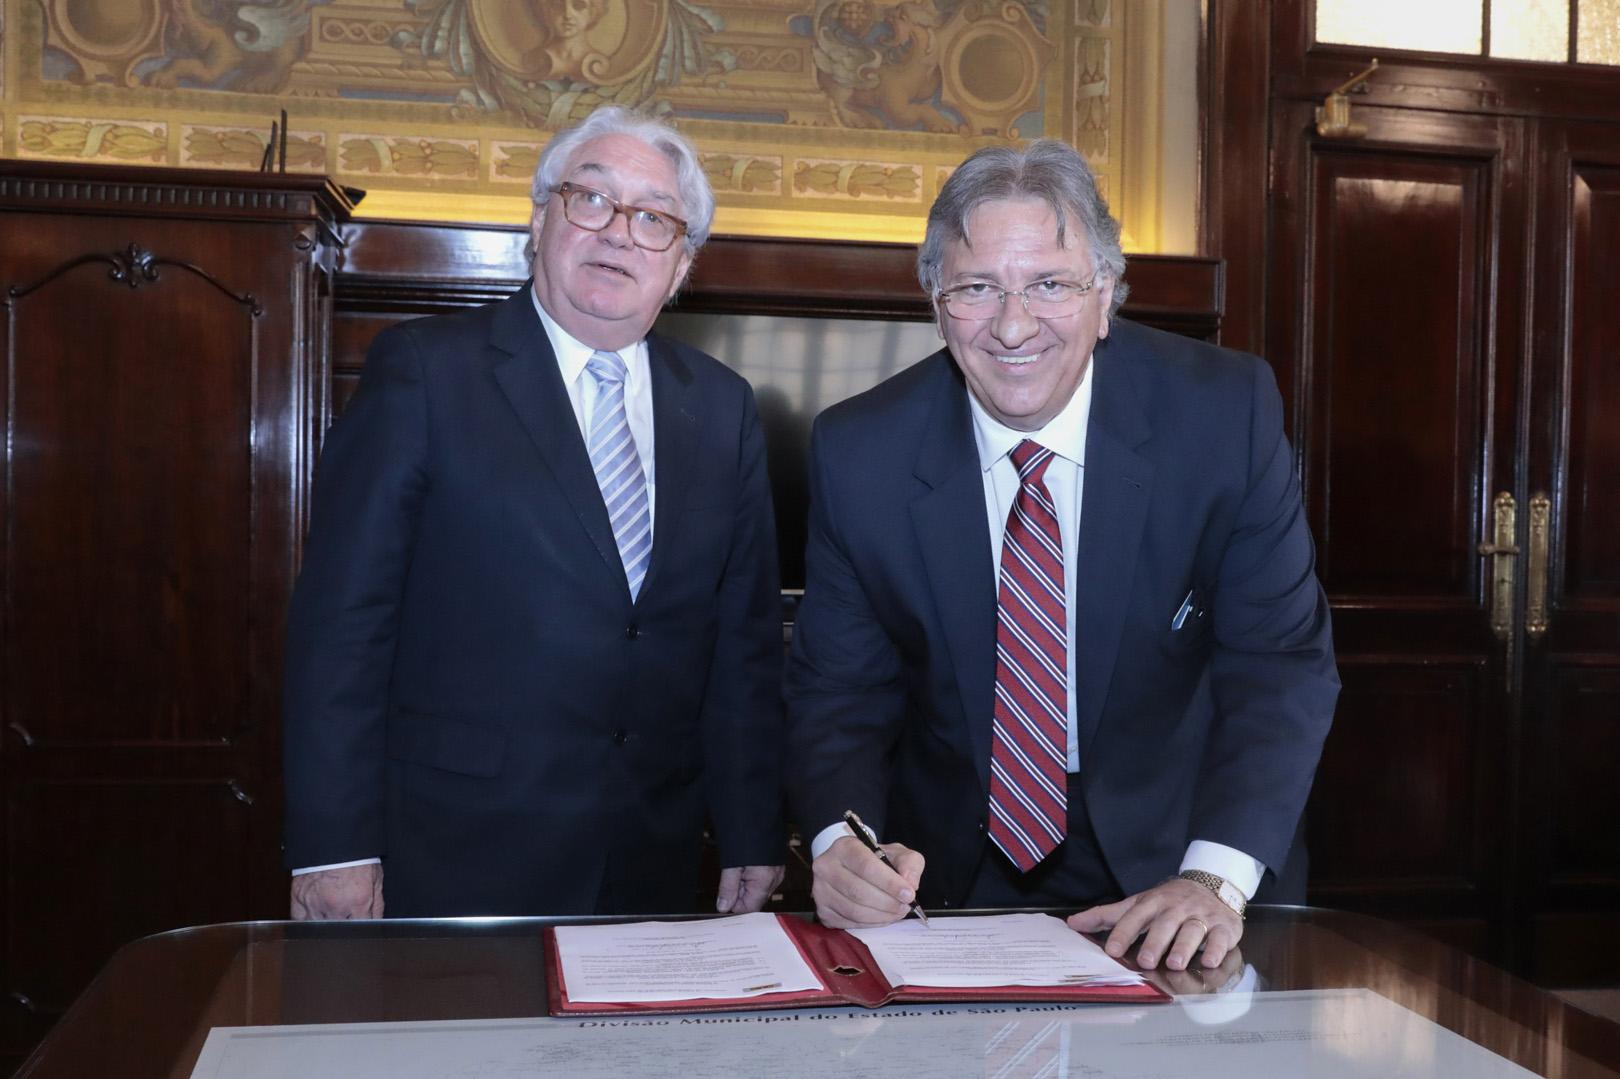 TJSP e Uninove firmam acordo para prestação de serviços de saúde a servidores e magistrados